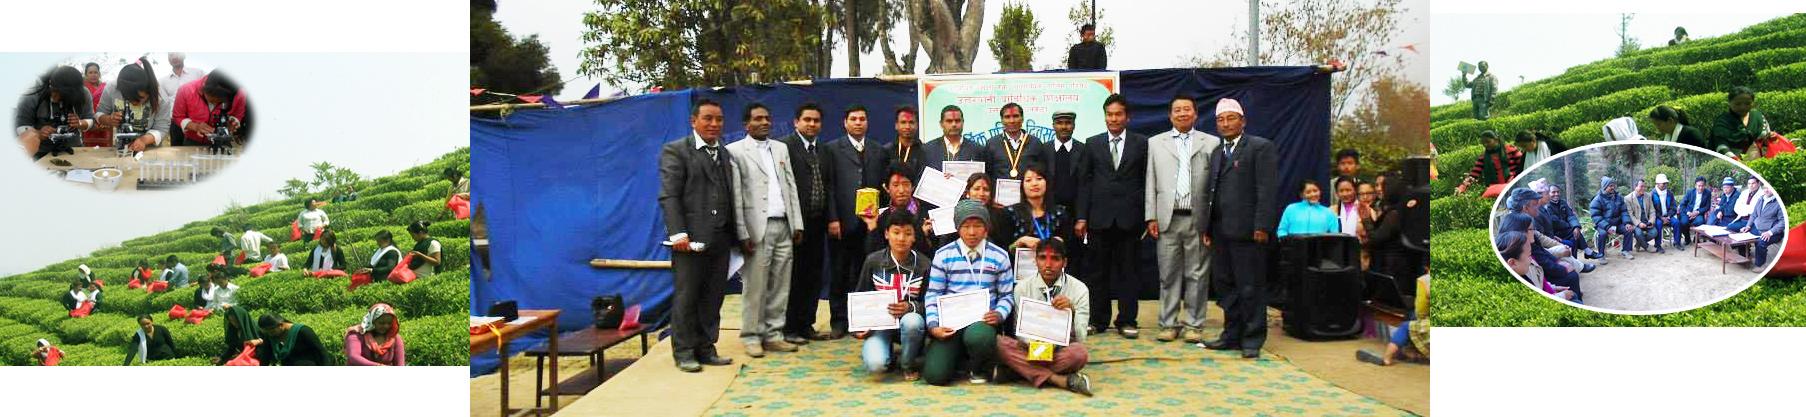 Uttarpani Technical School